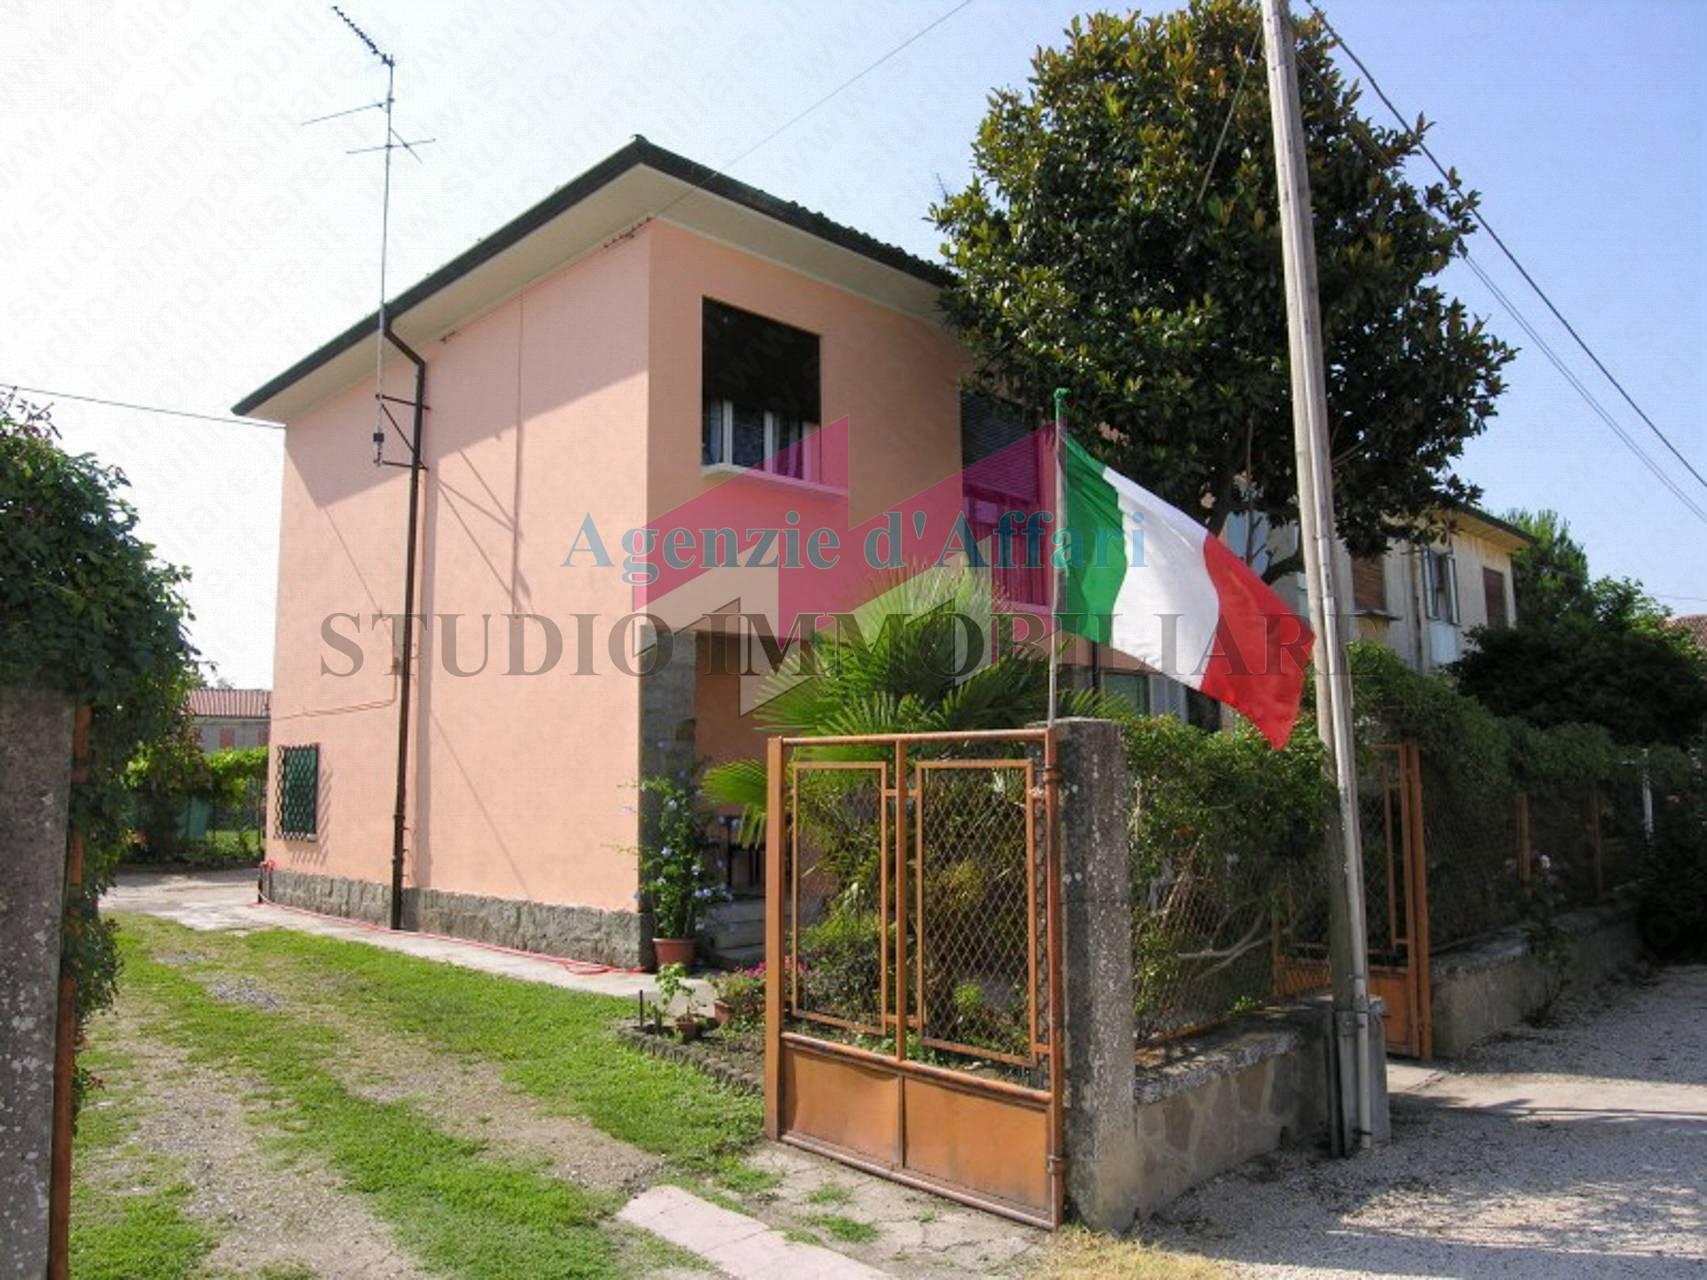 Soluzione Indipendente in vendita a Castelnovo Bariano, 7 locali, prezzo € 29.000   PortaleAgenzieImmobiliari.it